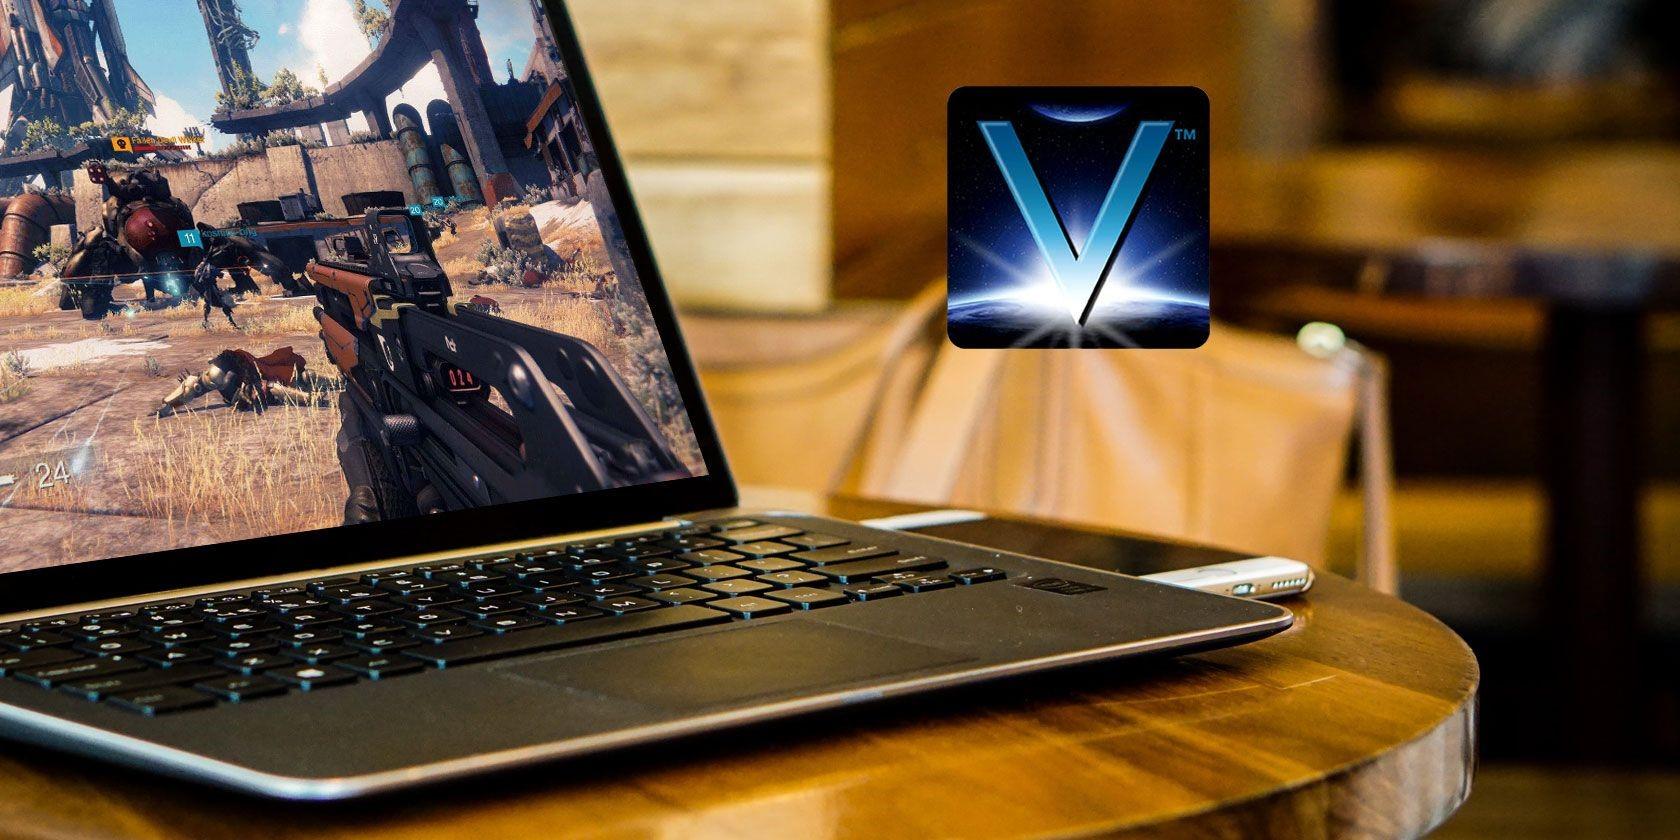 Vulkan Run laptop